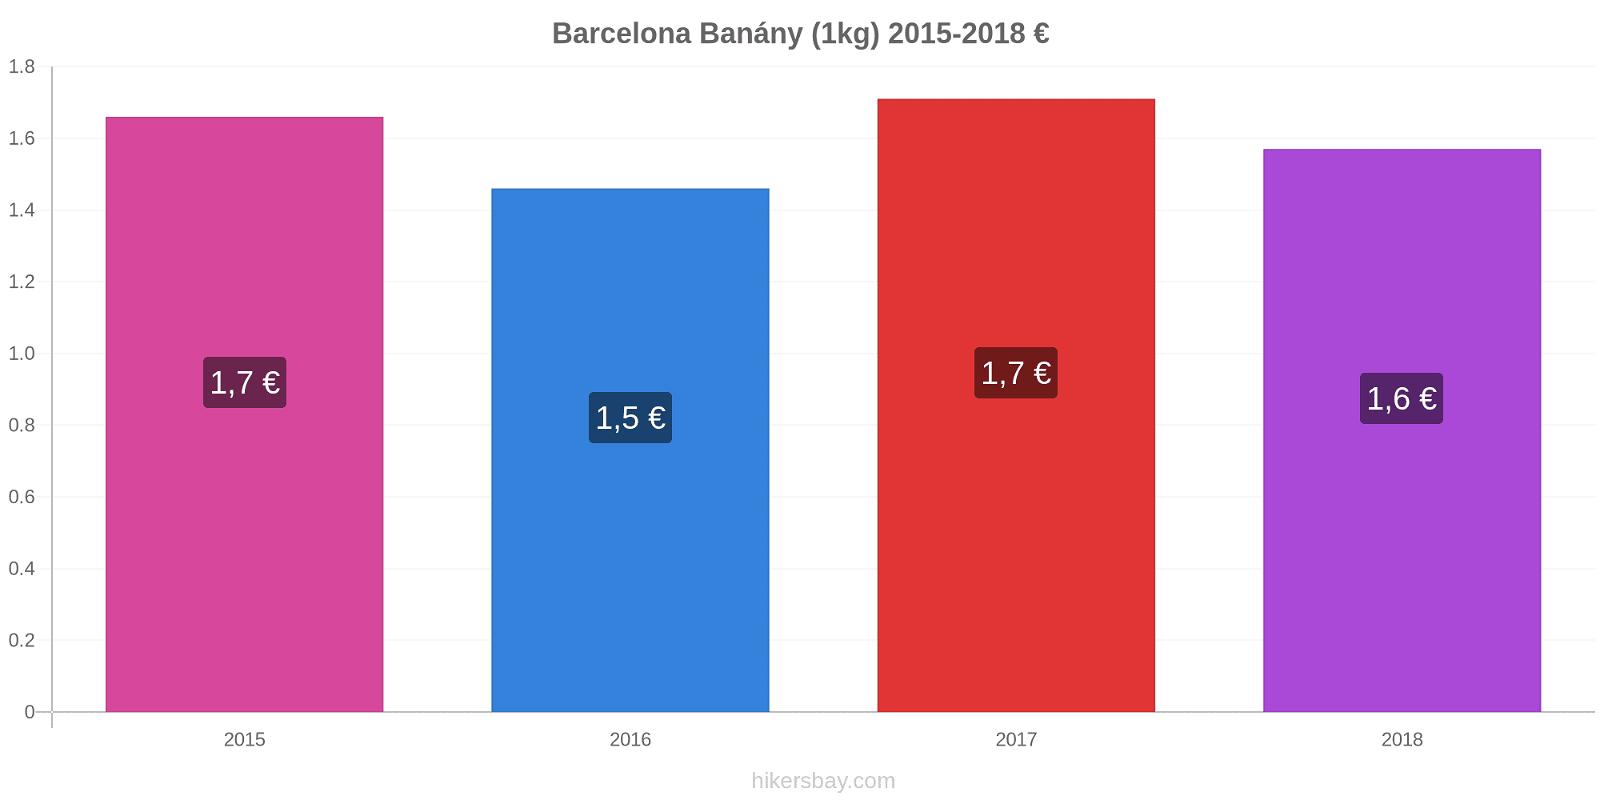 Barcelona změny cen Banány (1kg) hikersbay.com